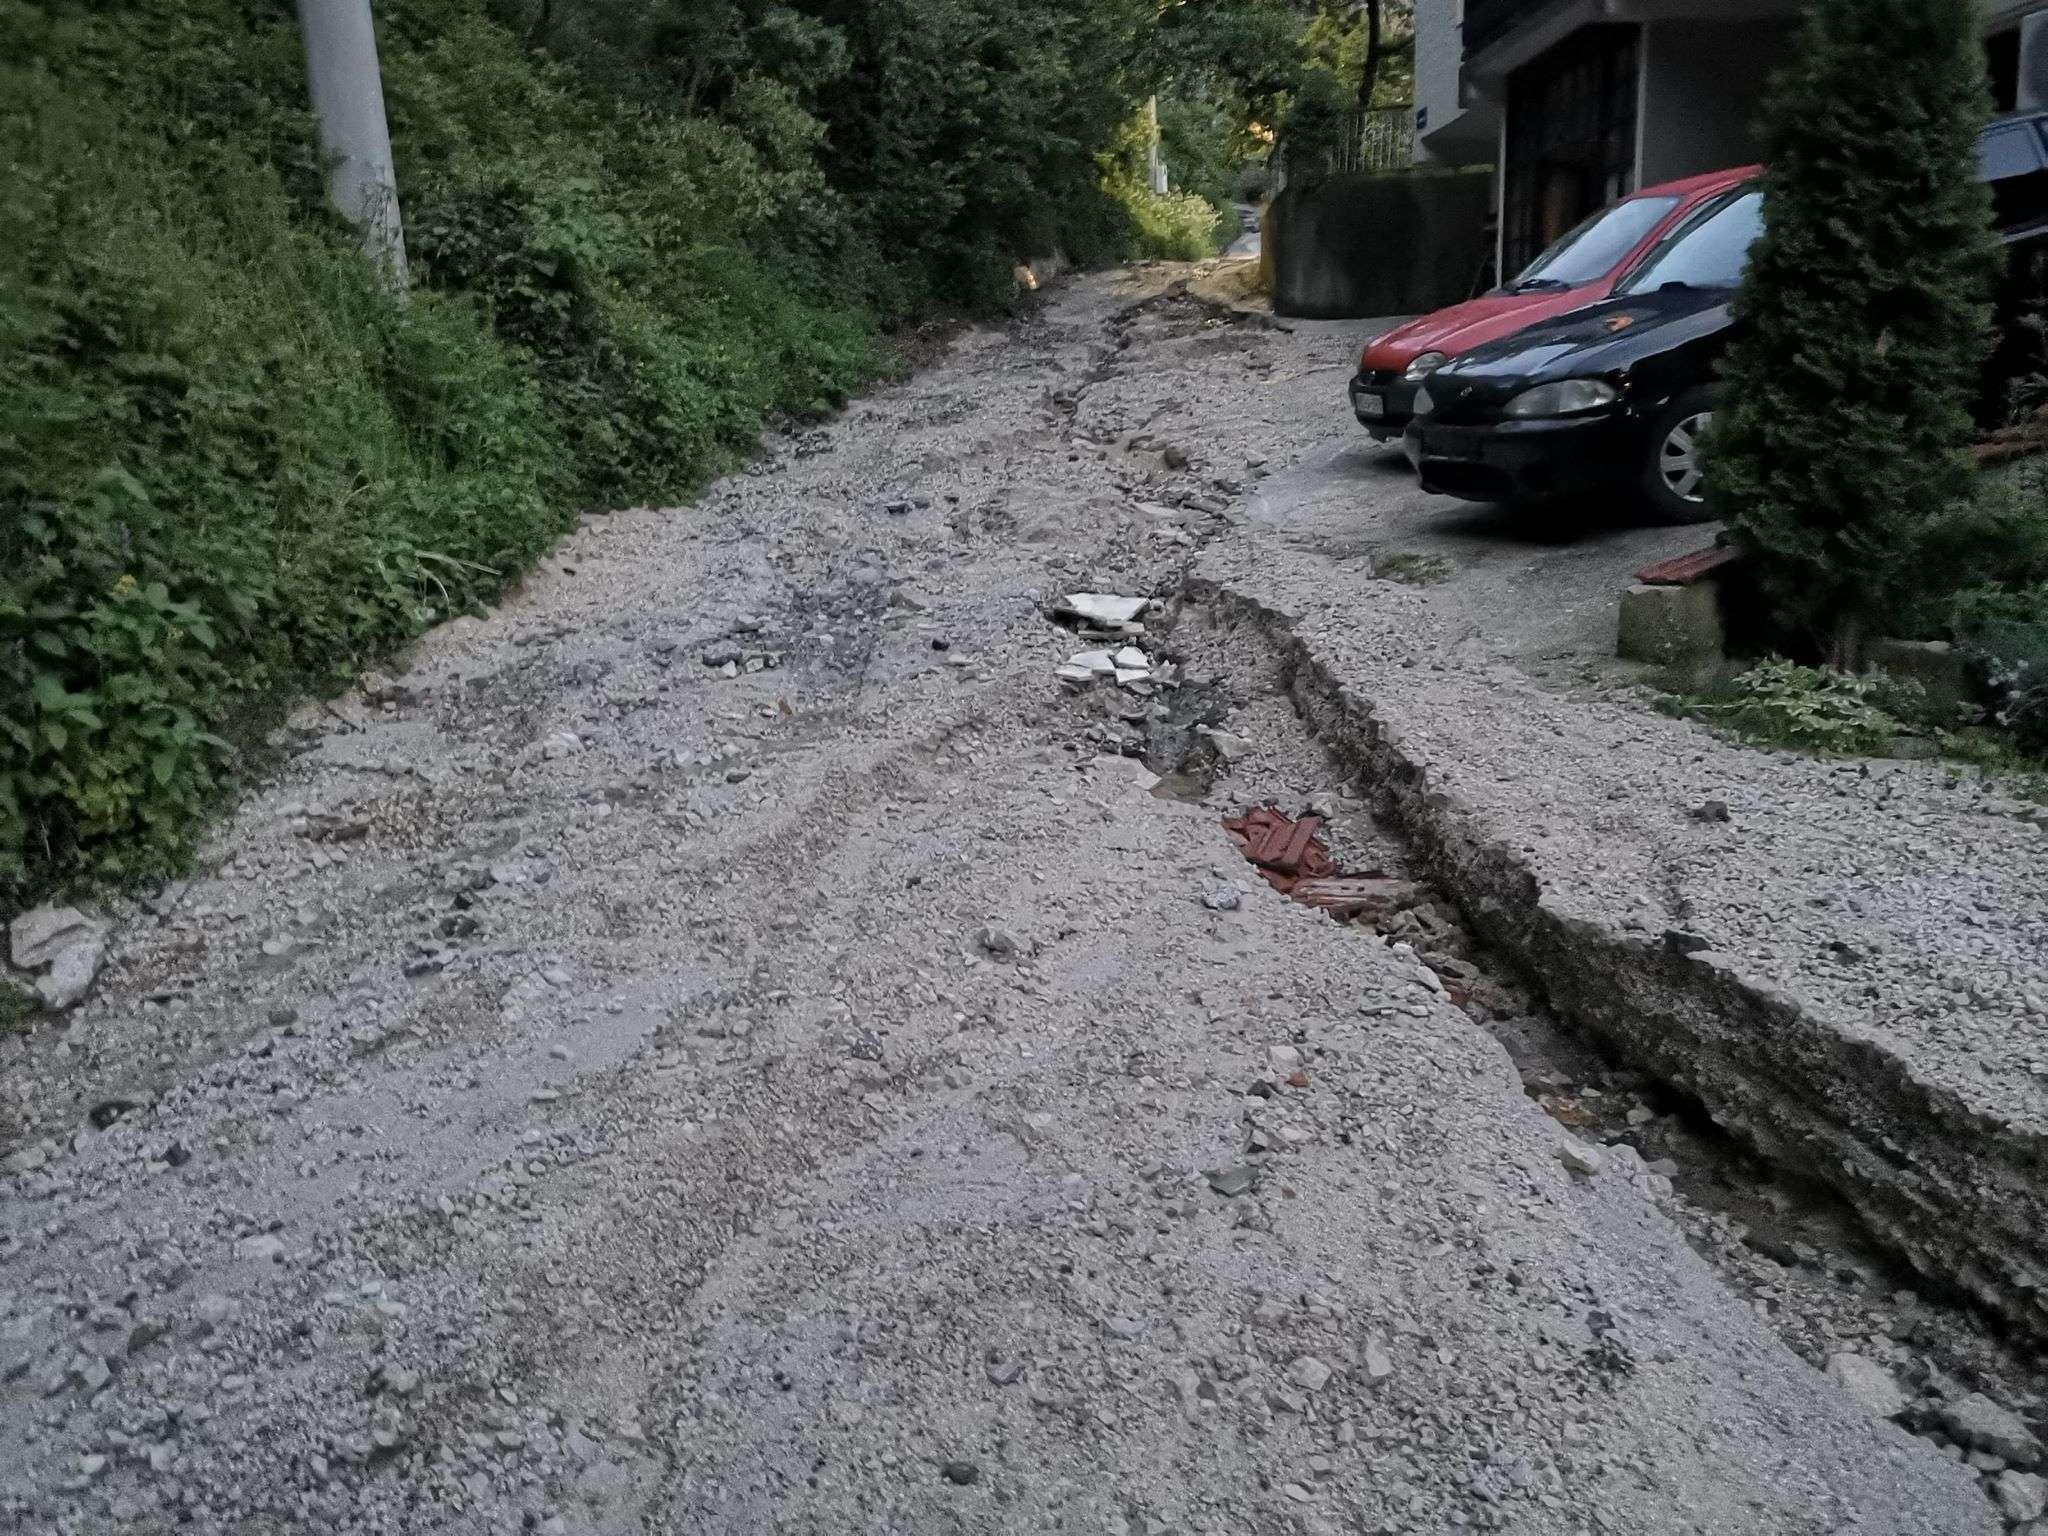 (foto) travničko prigradsko naselje bojna ostalo bez puta